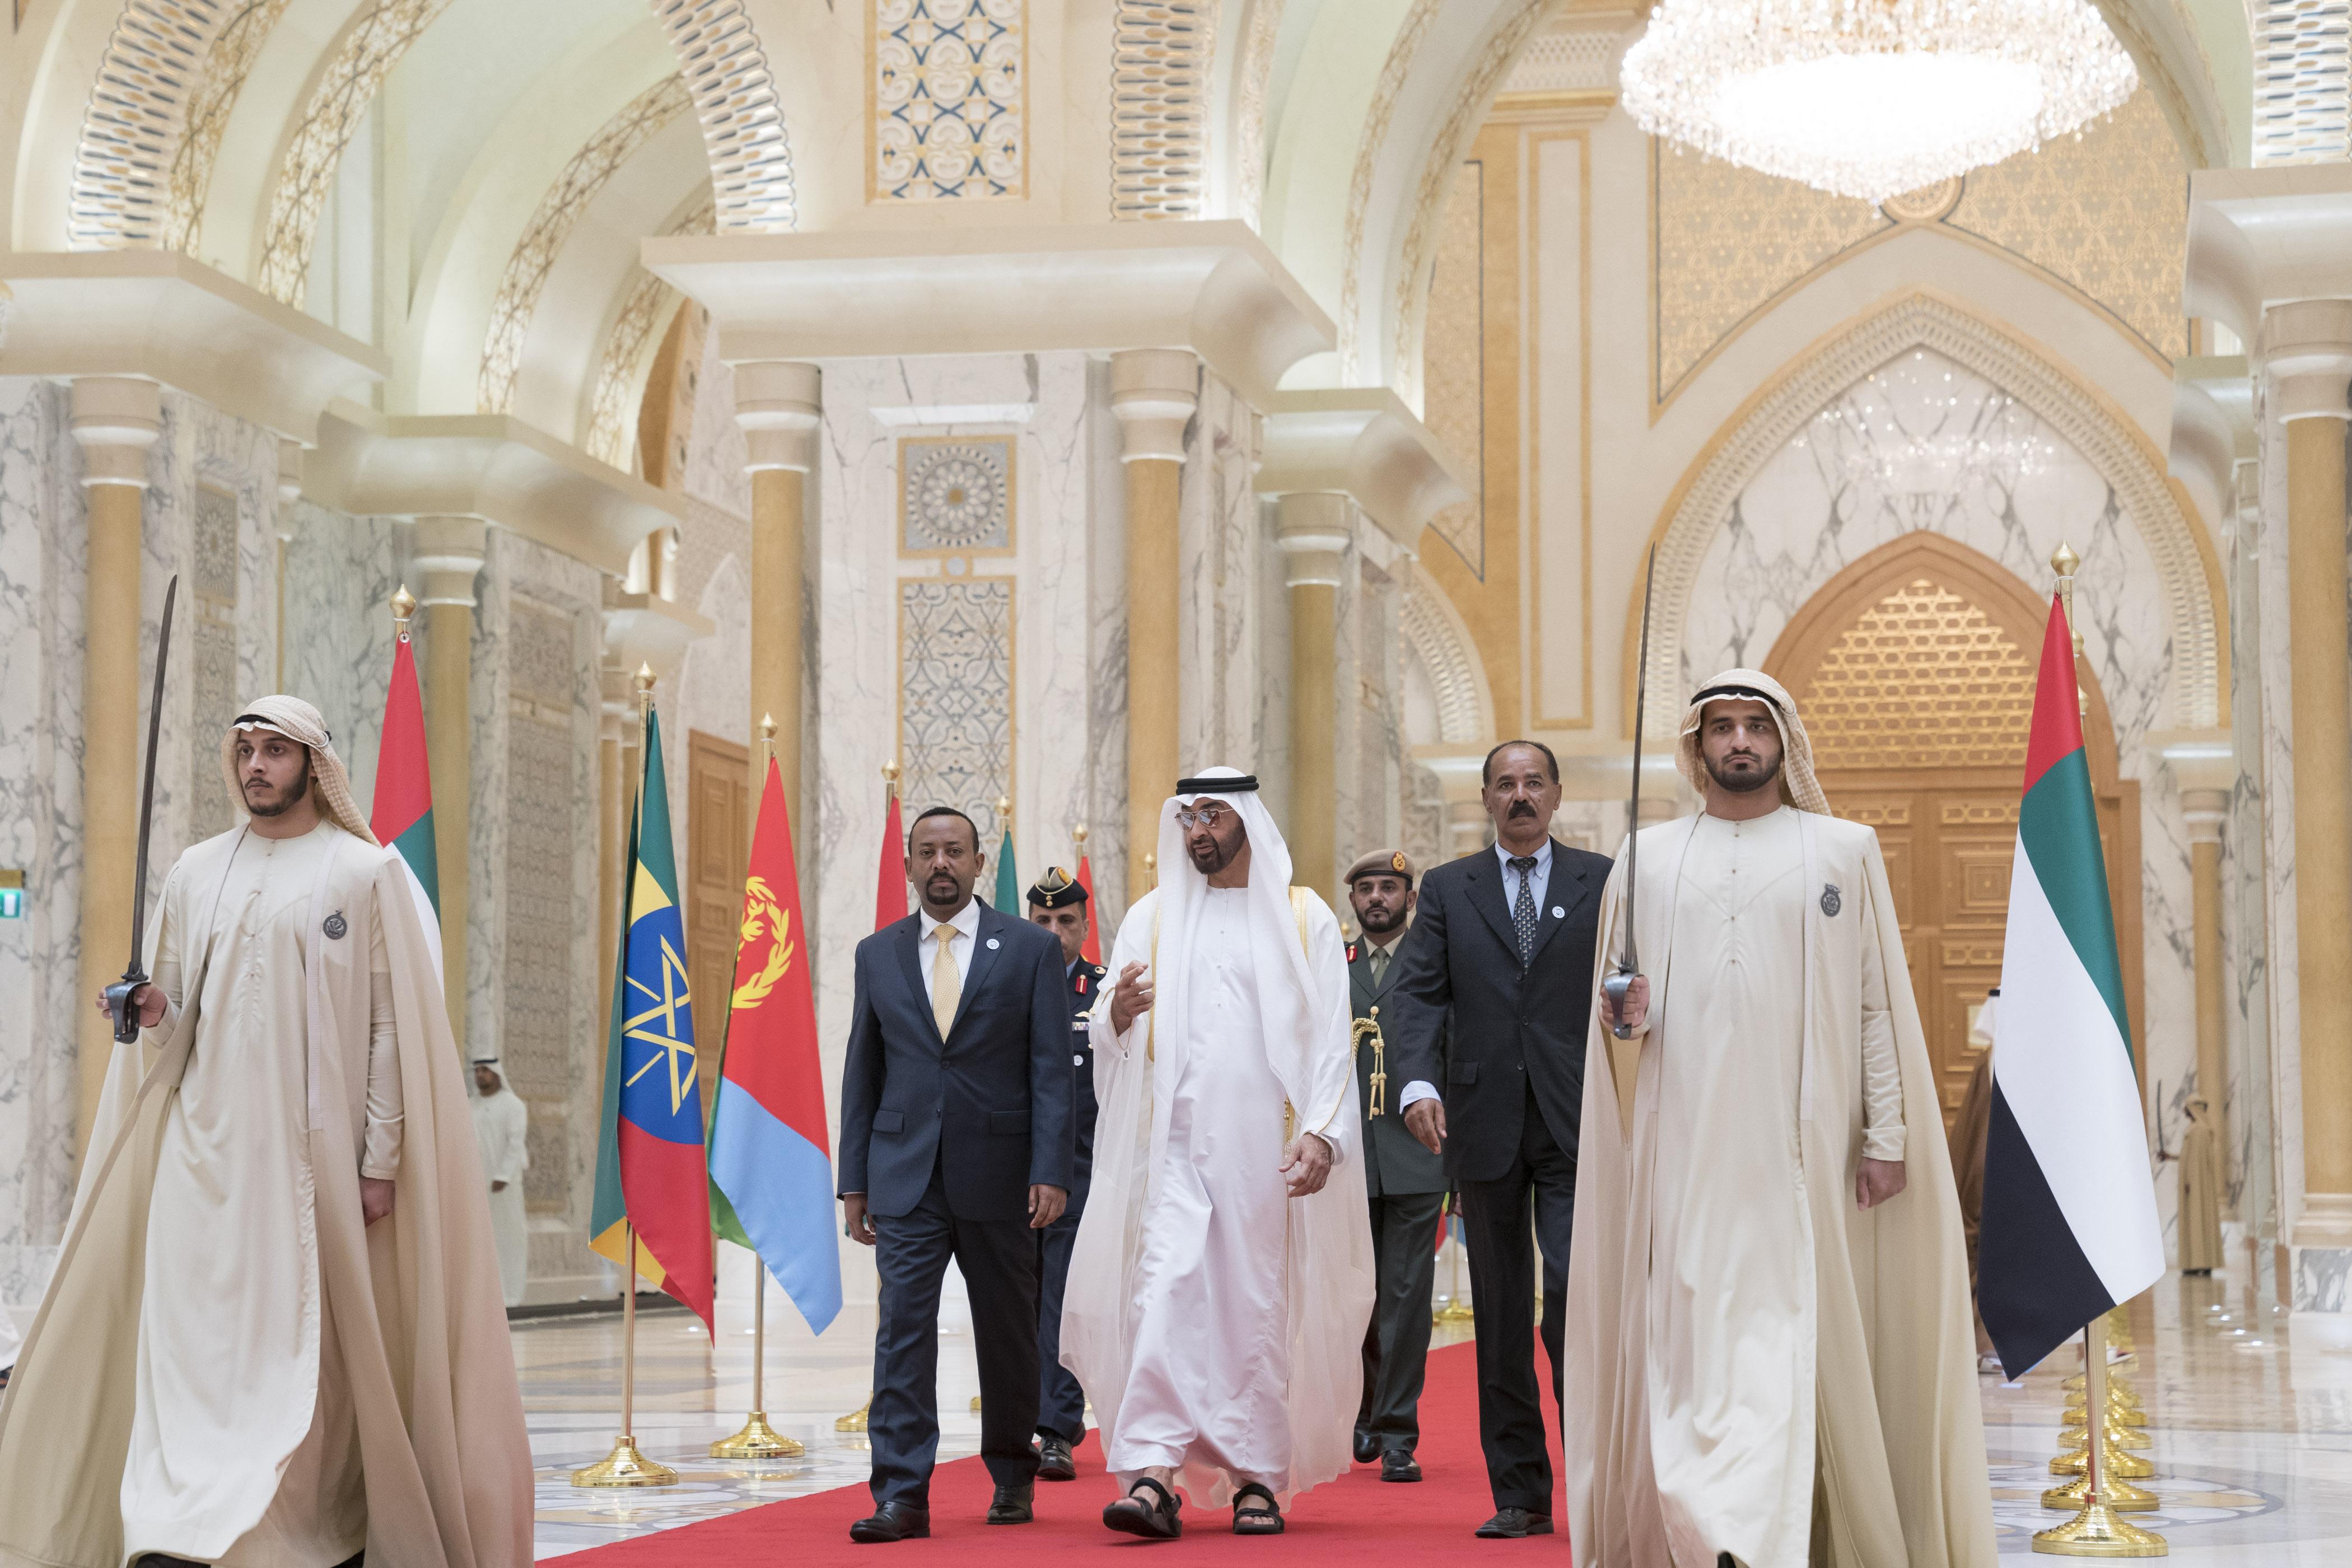 """رئيس الدولة يمنح رئيس إريتريا ورئيس وزراء أثيوبيا """" وسام زايد """" تقديراً لجهودهما في إطلاق مسيرة السلام بين بلديهما 6"""